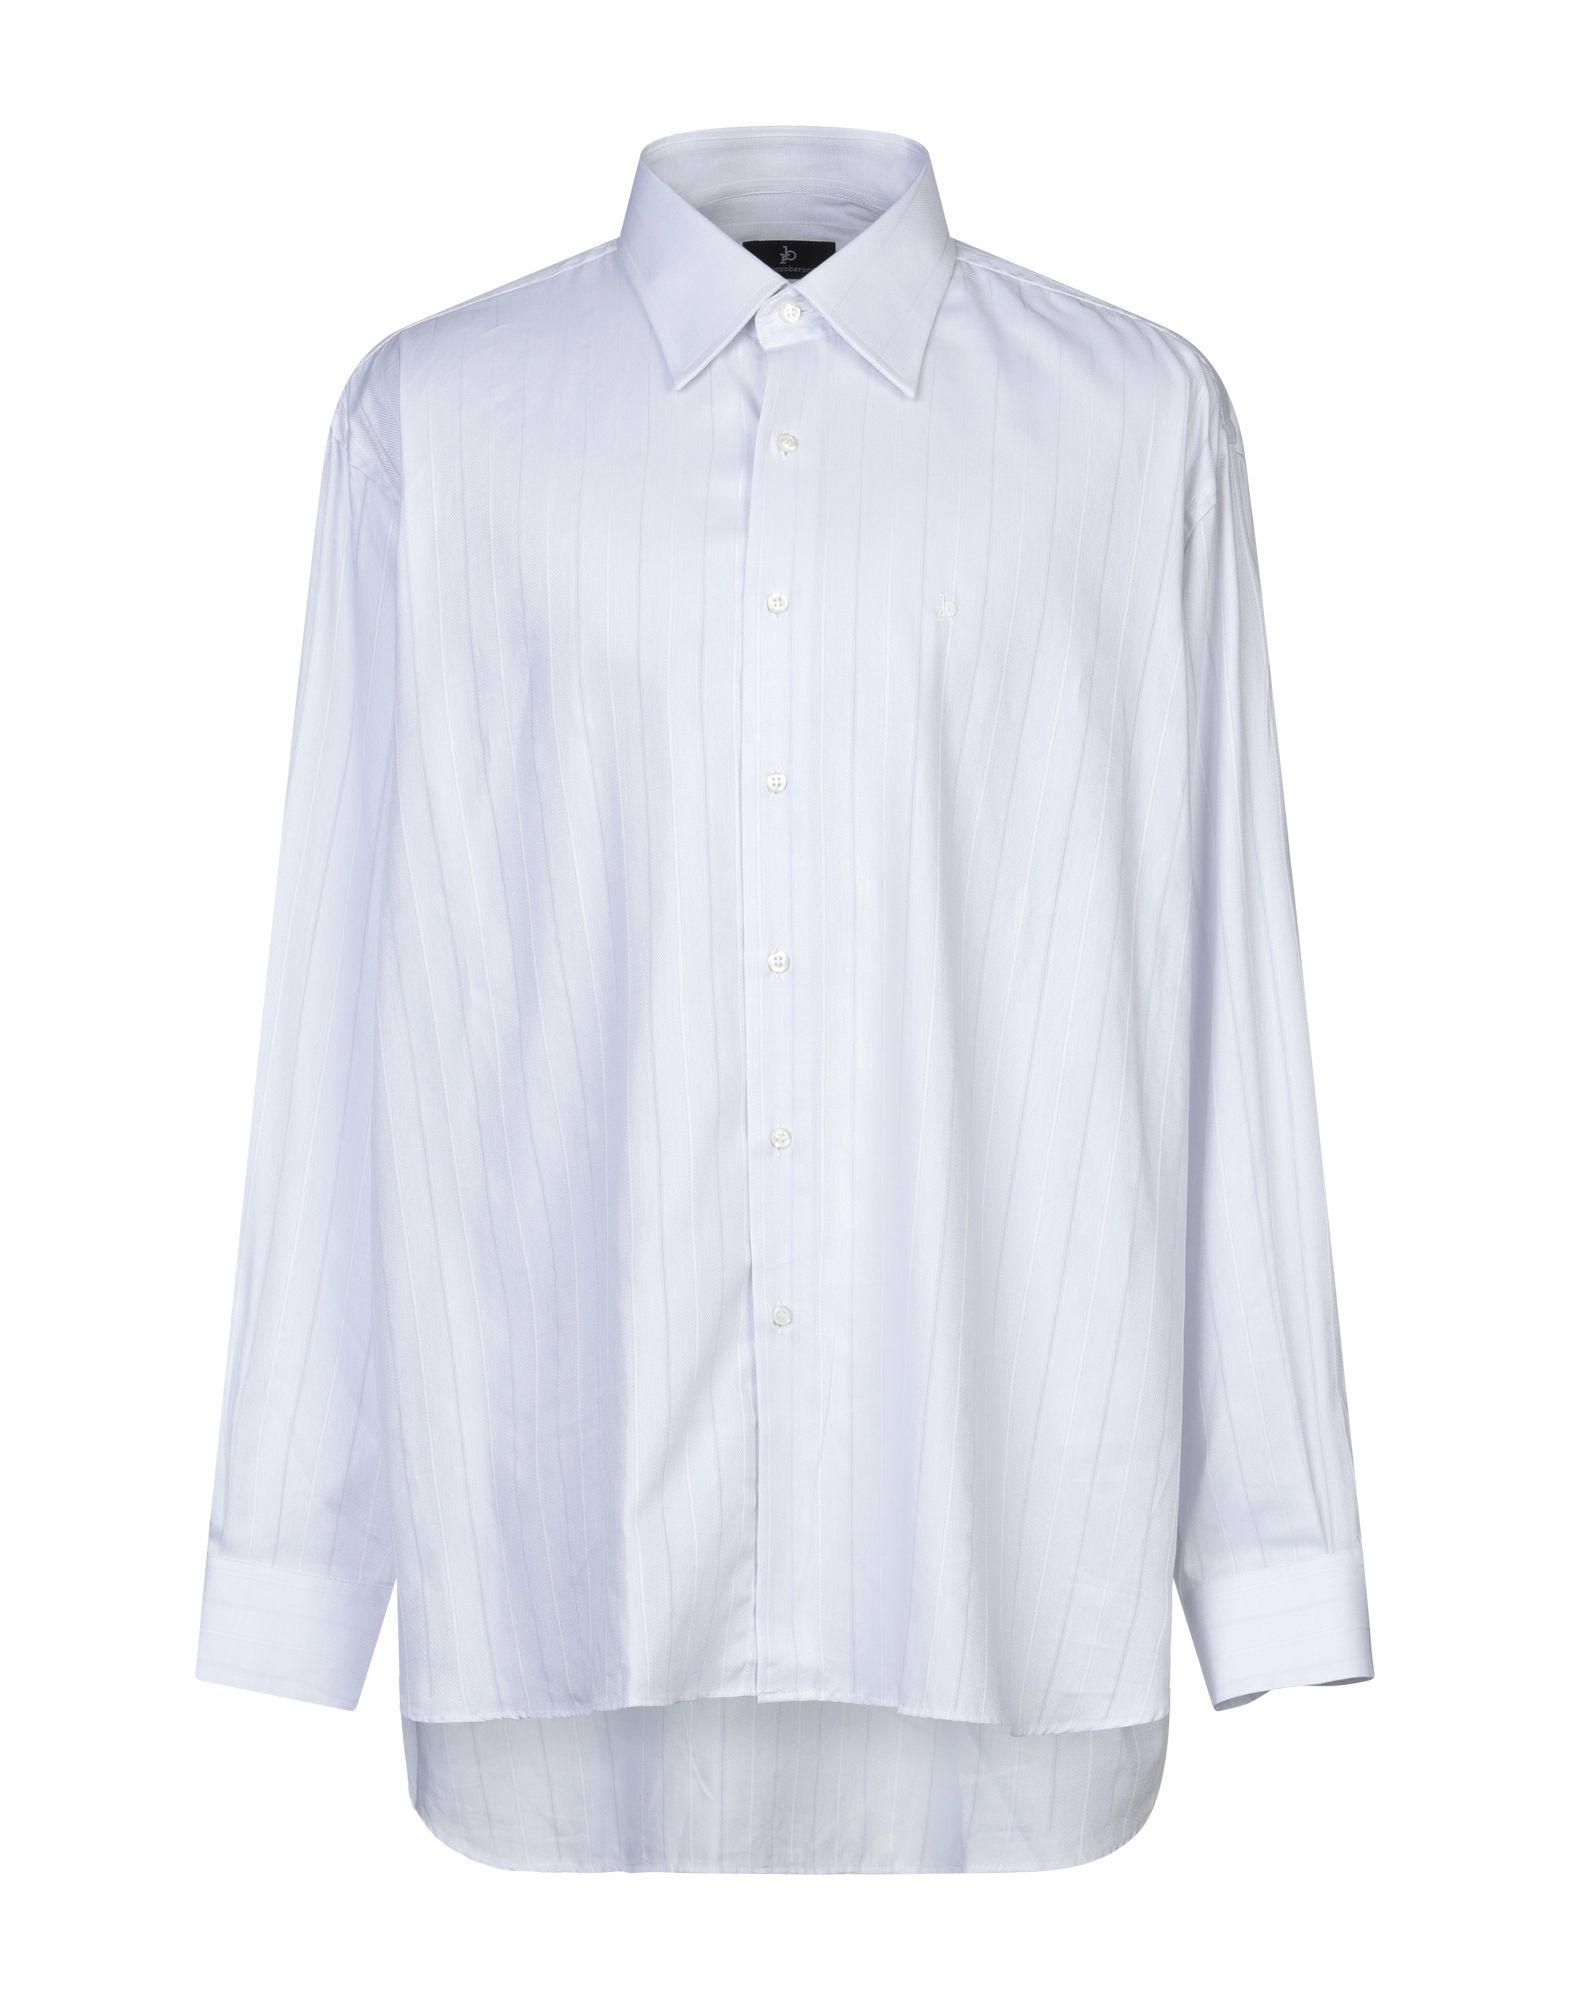 《セール開催中》ROCCOBAROCCO メンズ シャツ ホワイト 47 コットン 100%